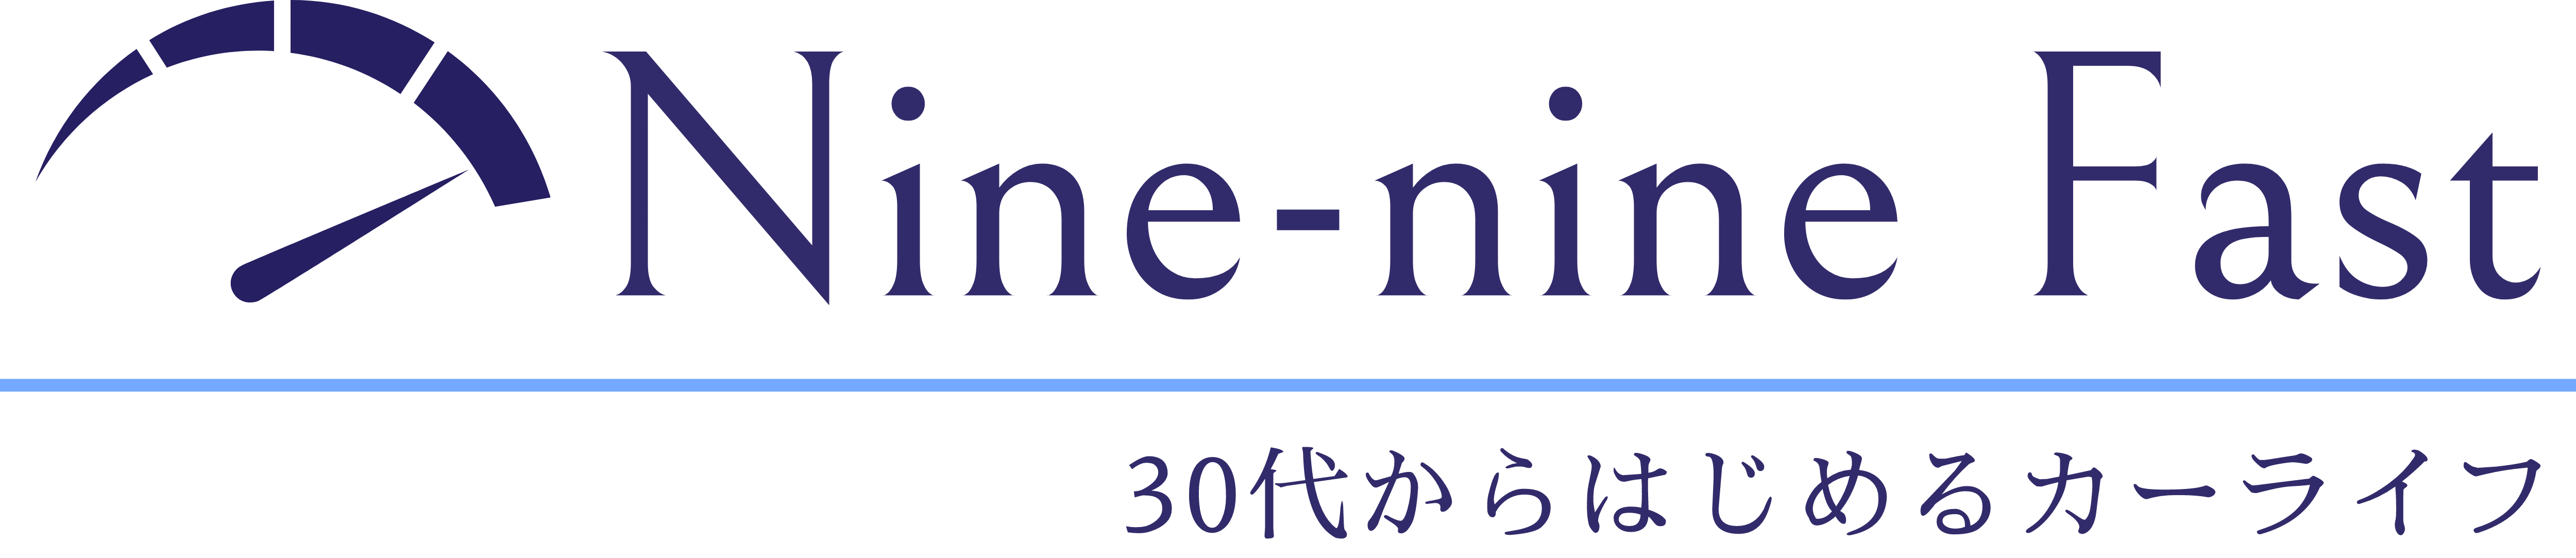 Nine-nine Fast